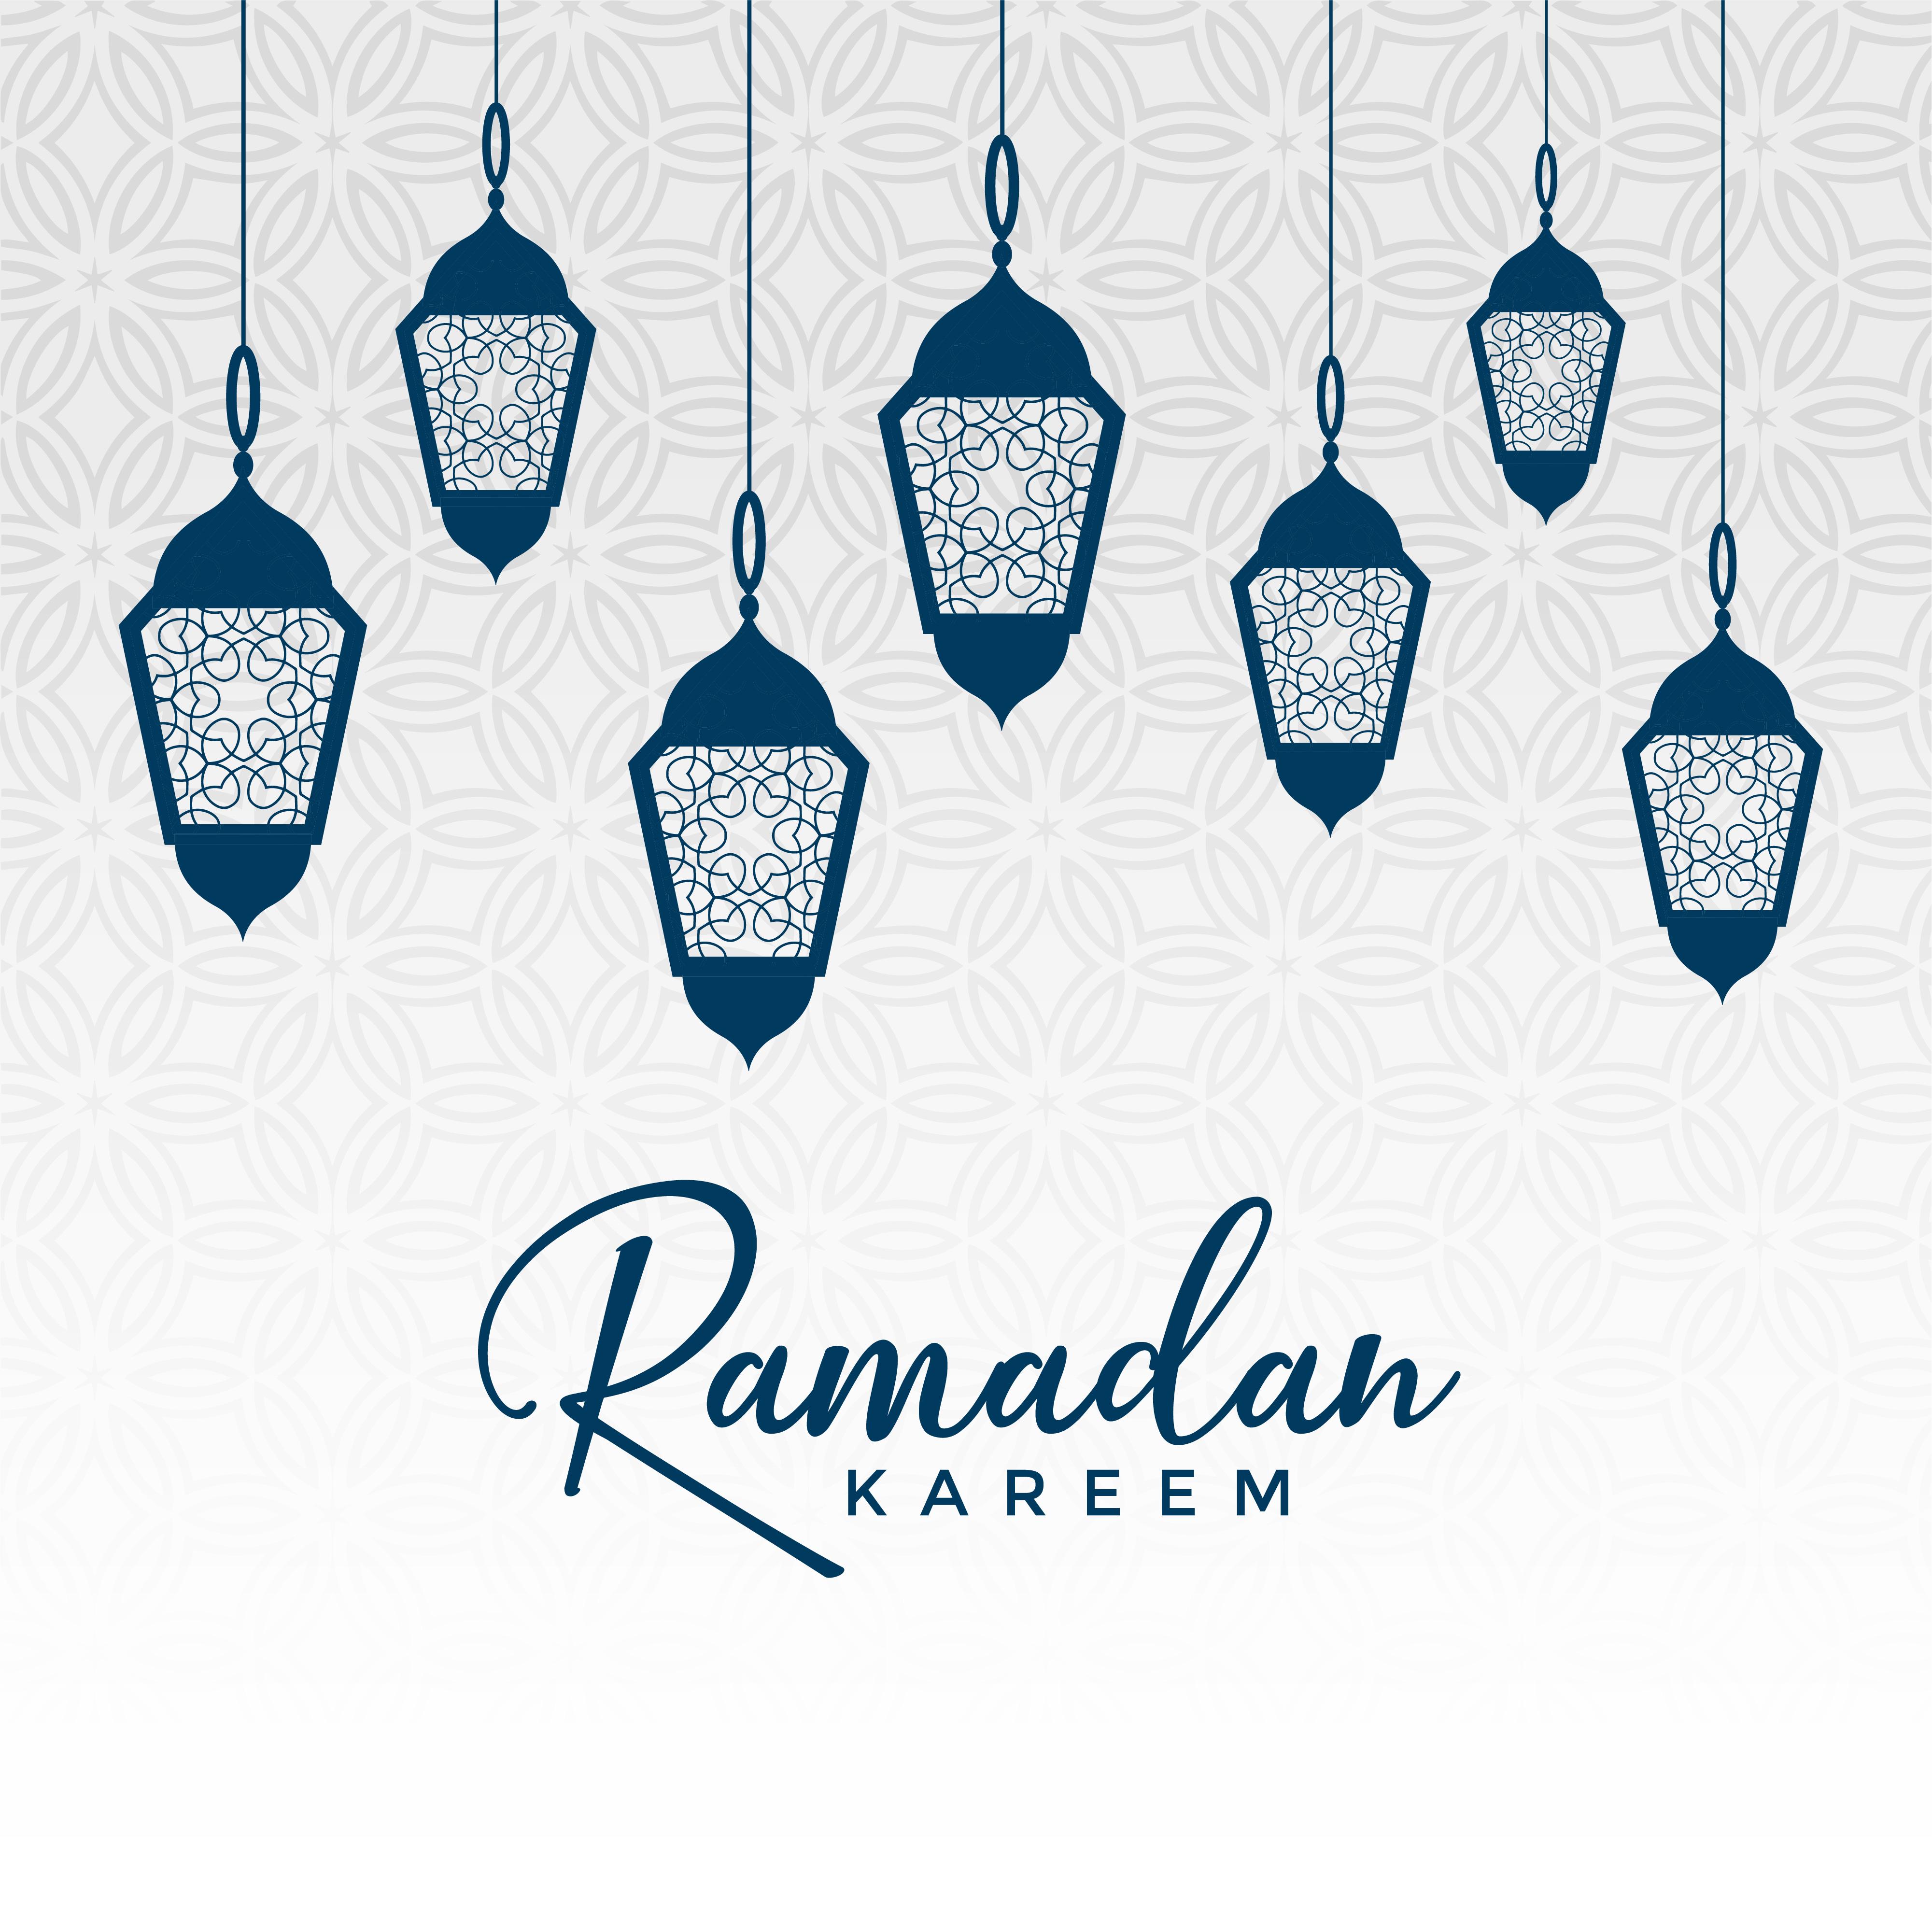 Hanging Lamp Vector: Arabic Ramadan Kareem Design With Hanging Lamps